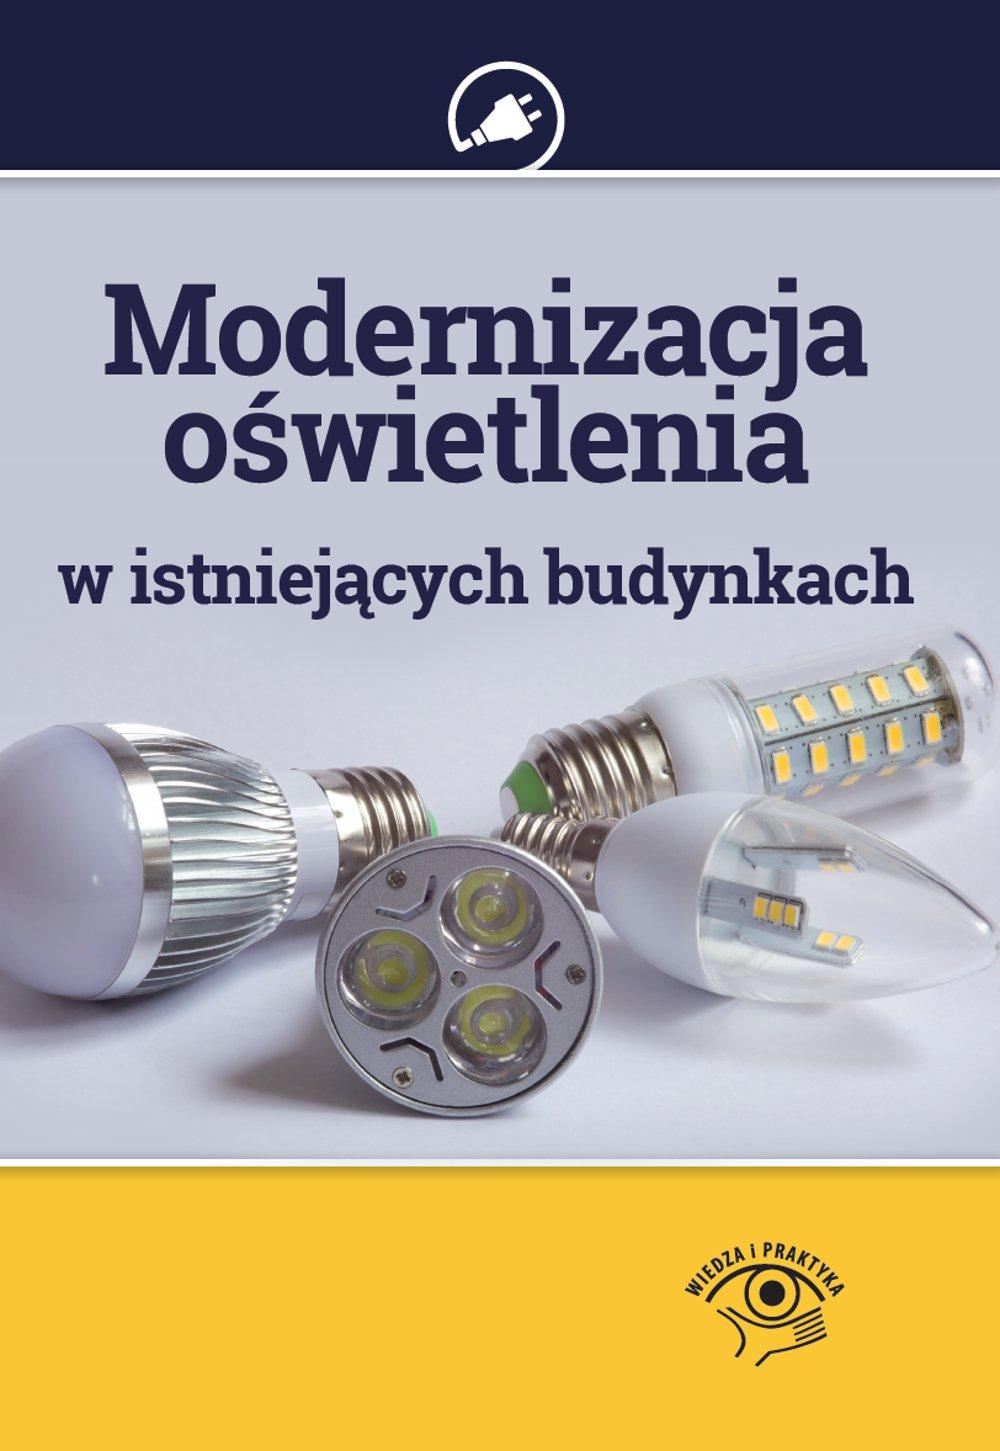 Modernizacja oświetlenia w istniejących budynkach - Ebook (Książka PDF) do pobrania w formacie PDF